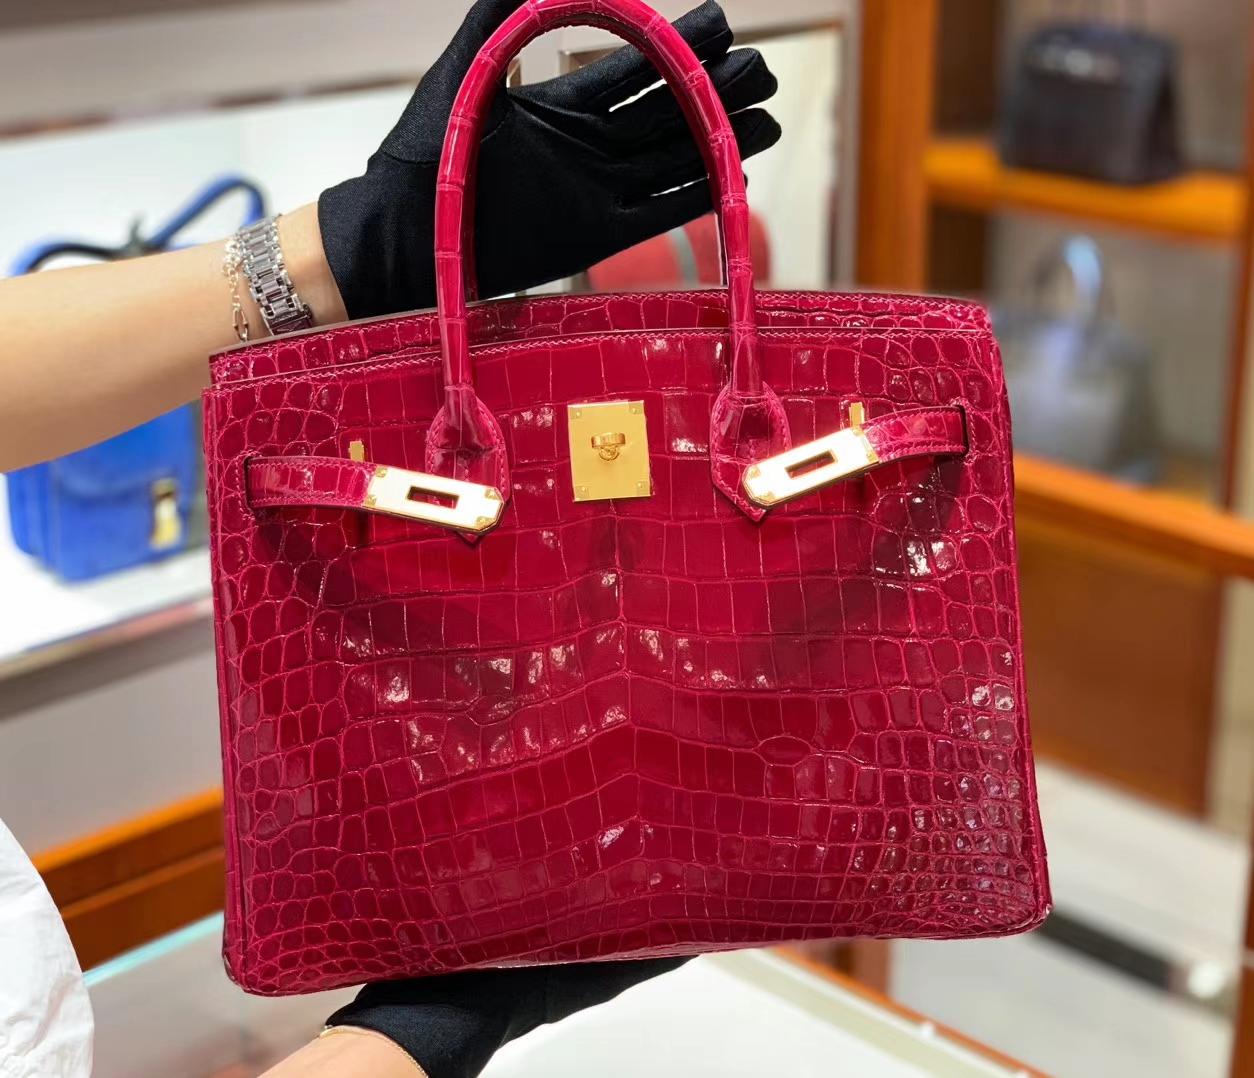 爱马仕包包价格 红色 鳄鱼皮 金扣 纹路清晰 手感超级好 完胜正品 Birkin 25/30